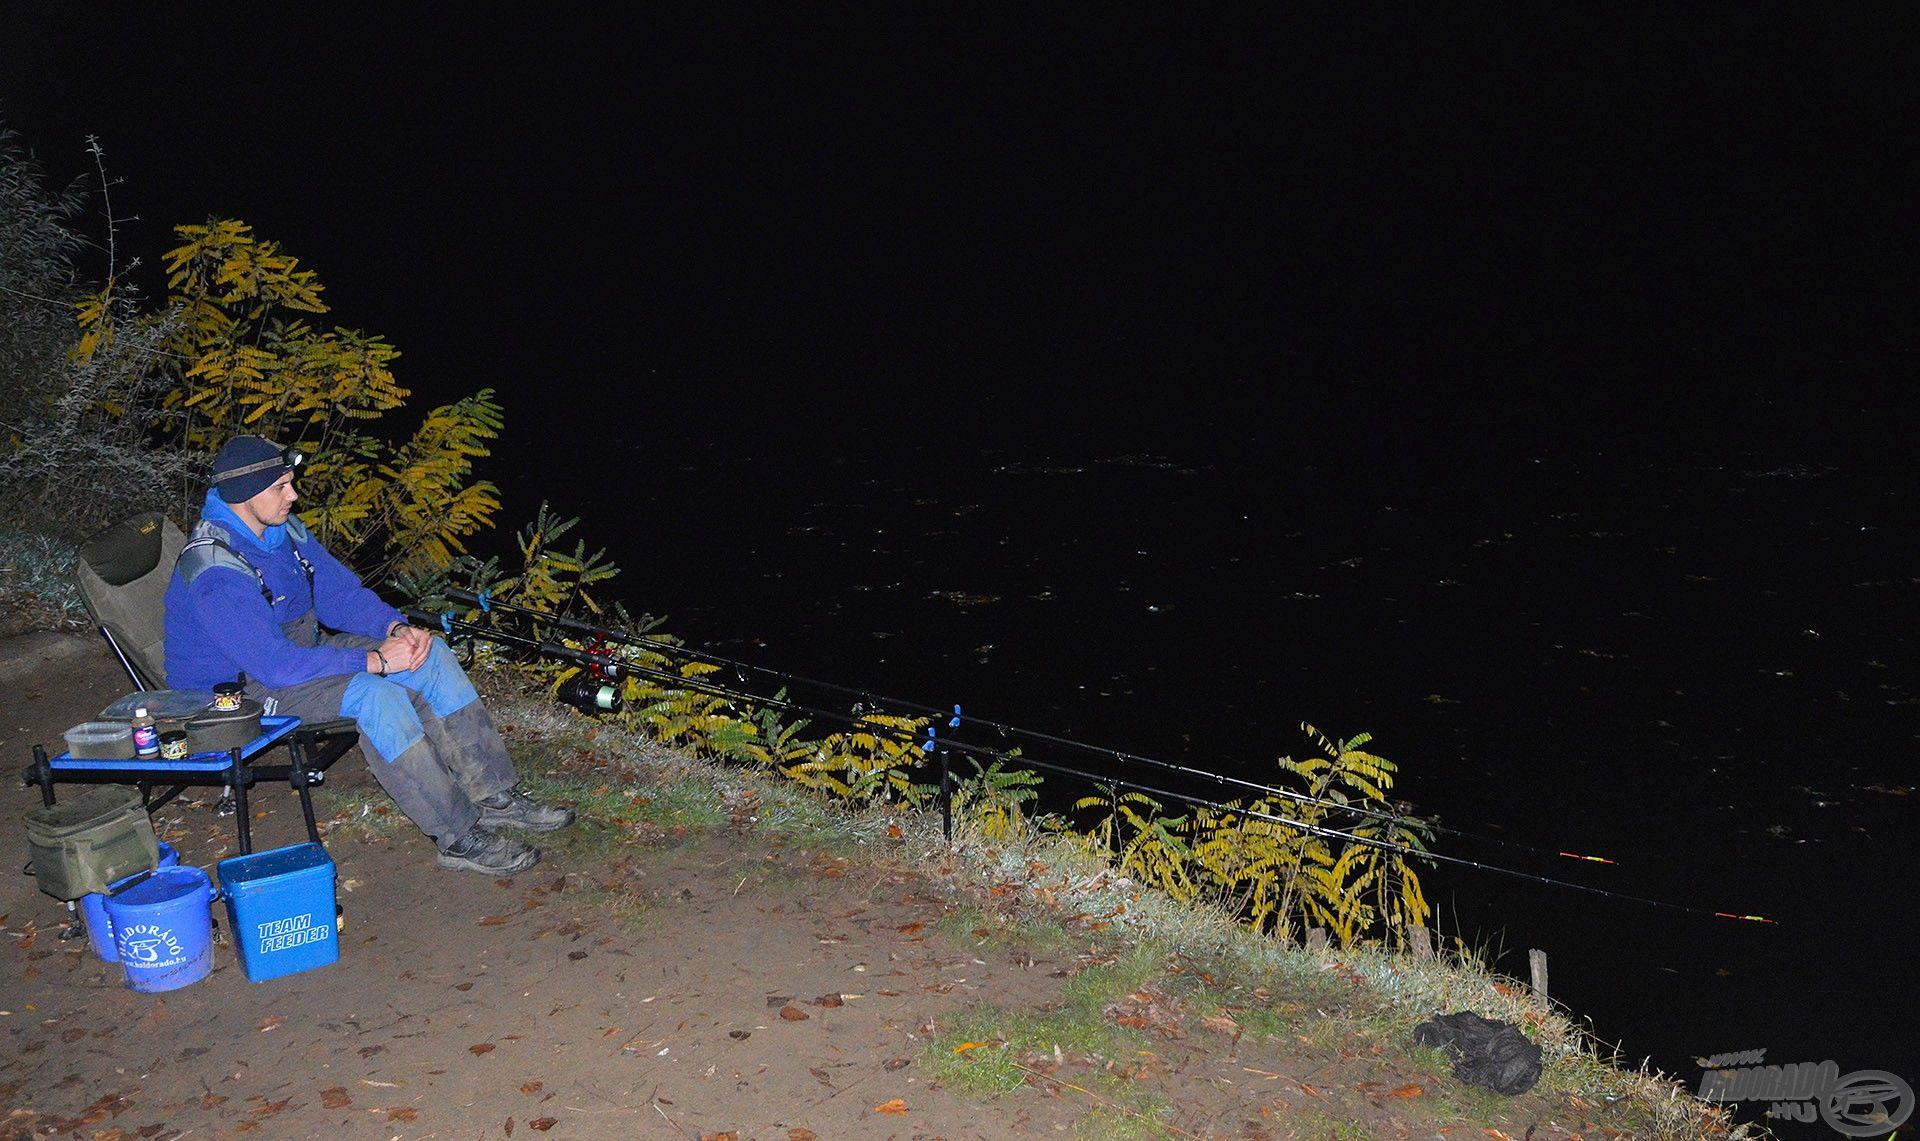 Éjszakára alaposan lehűlt a levegő, mégis élvezet a spiccek mögött ülni és várni a következő kapást, a halak pedig szerencsére nem hagytak unatkozni!